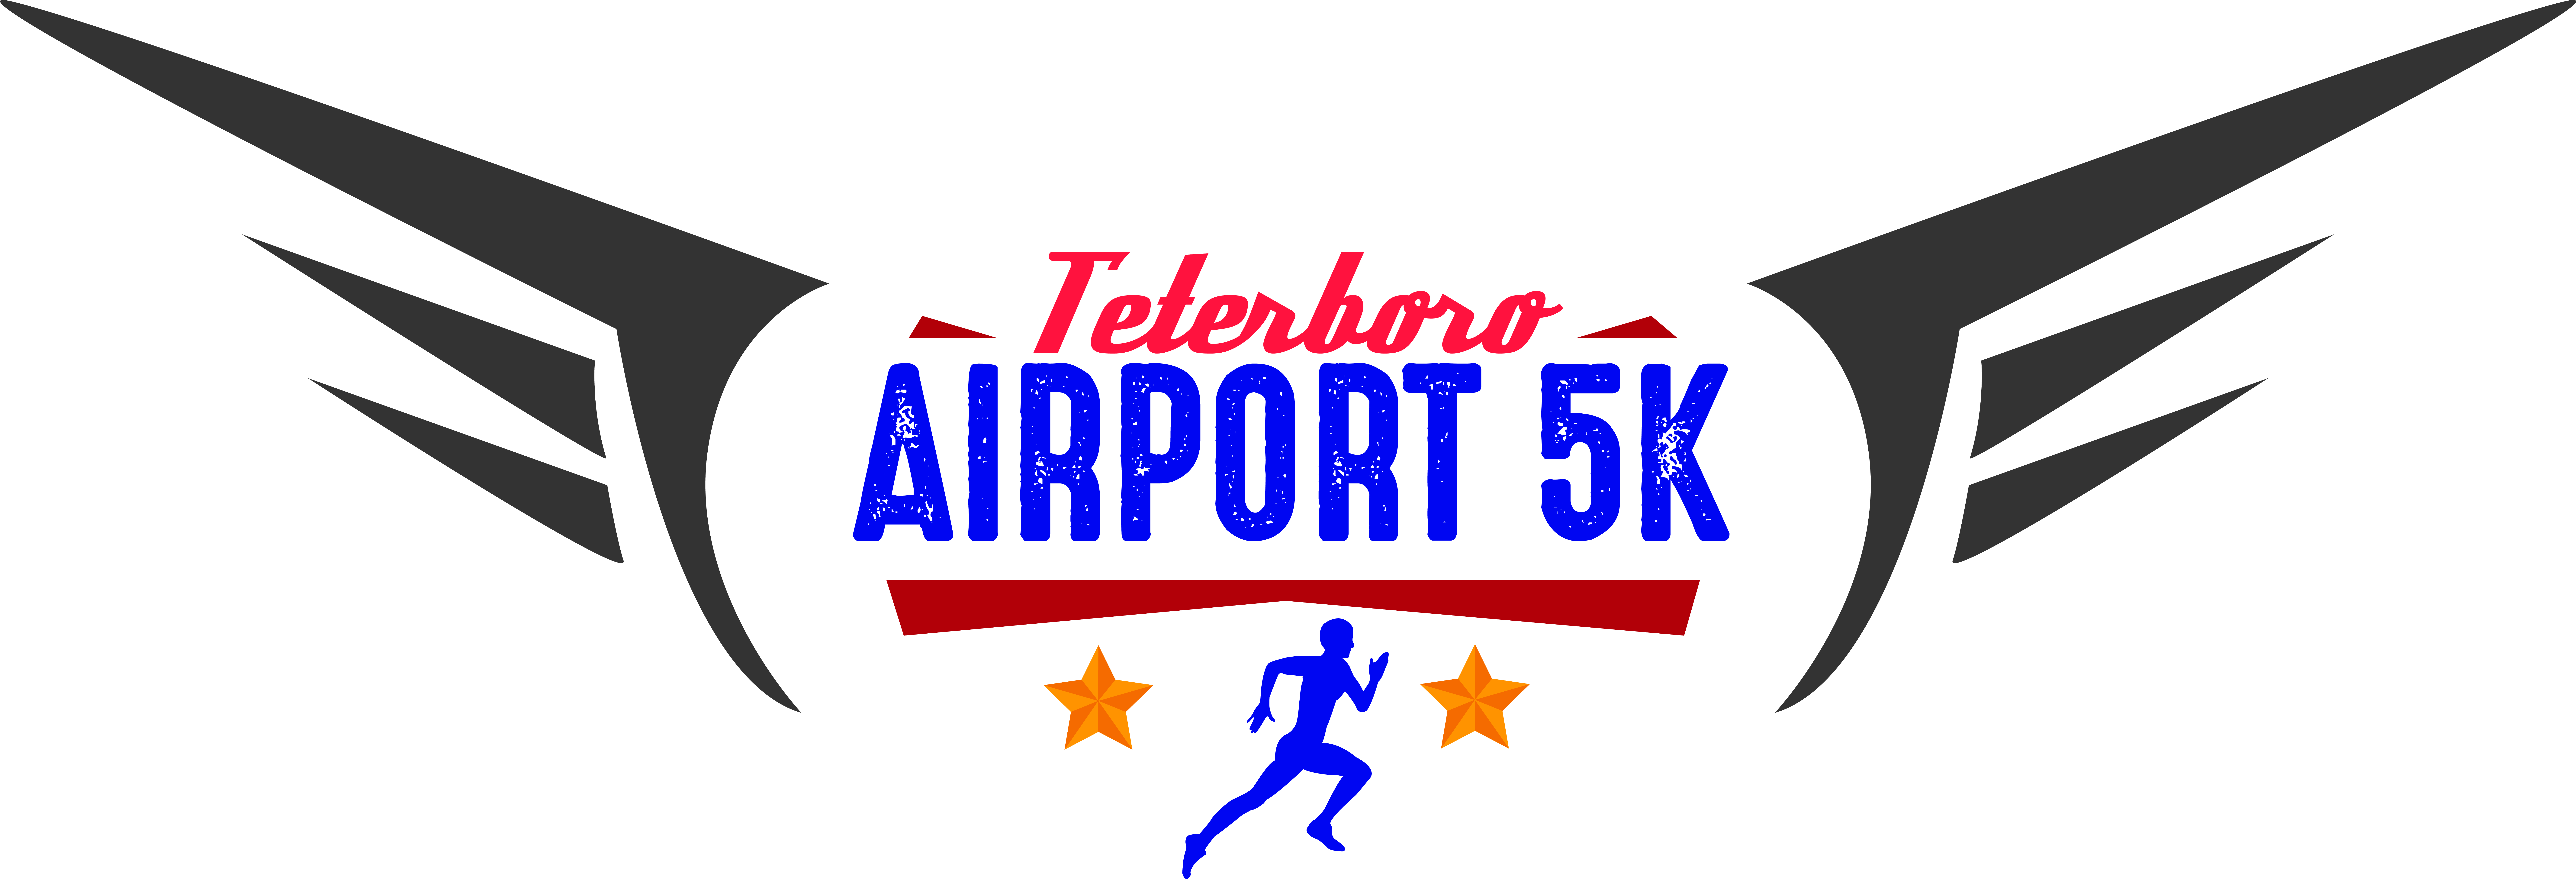 T5k 2018 logo